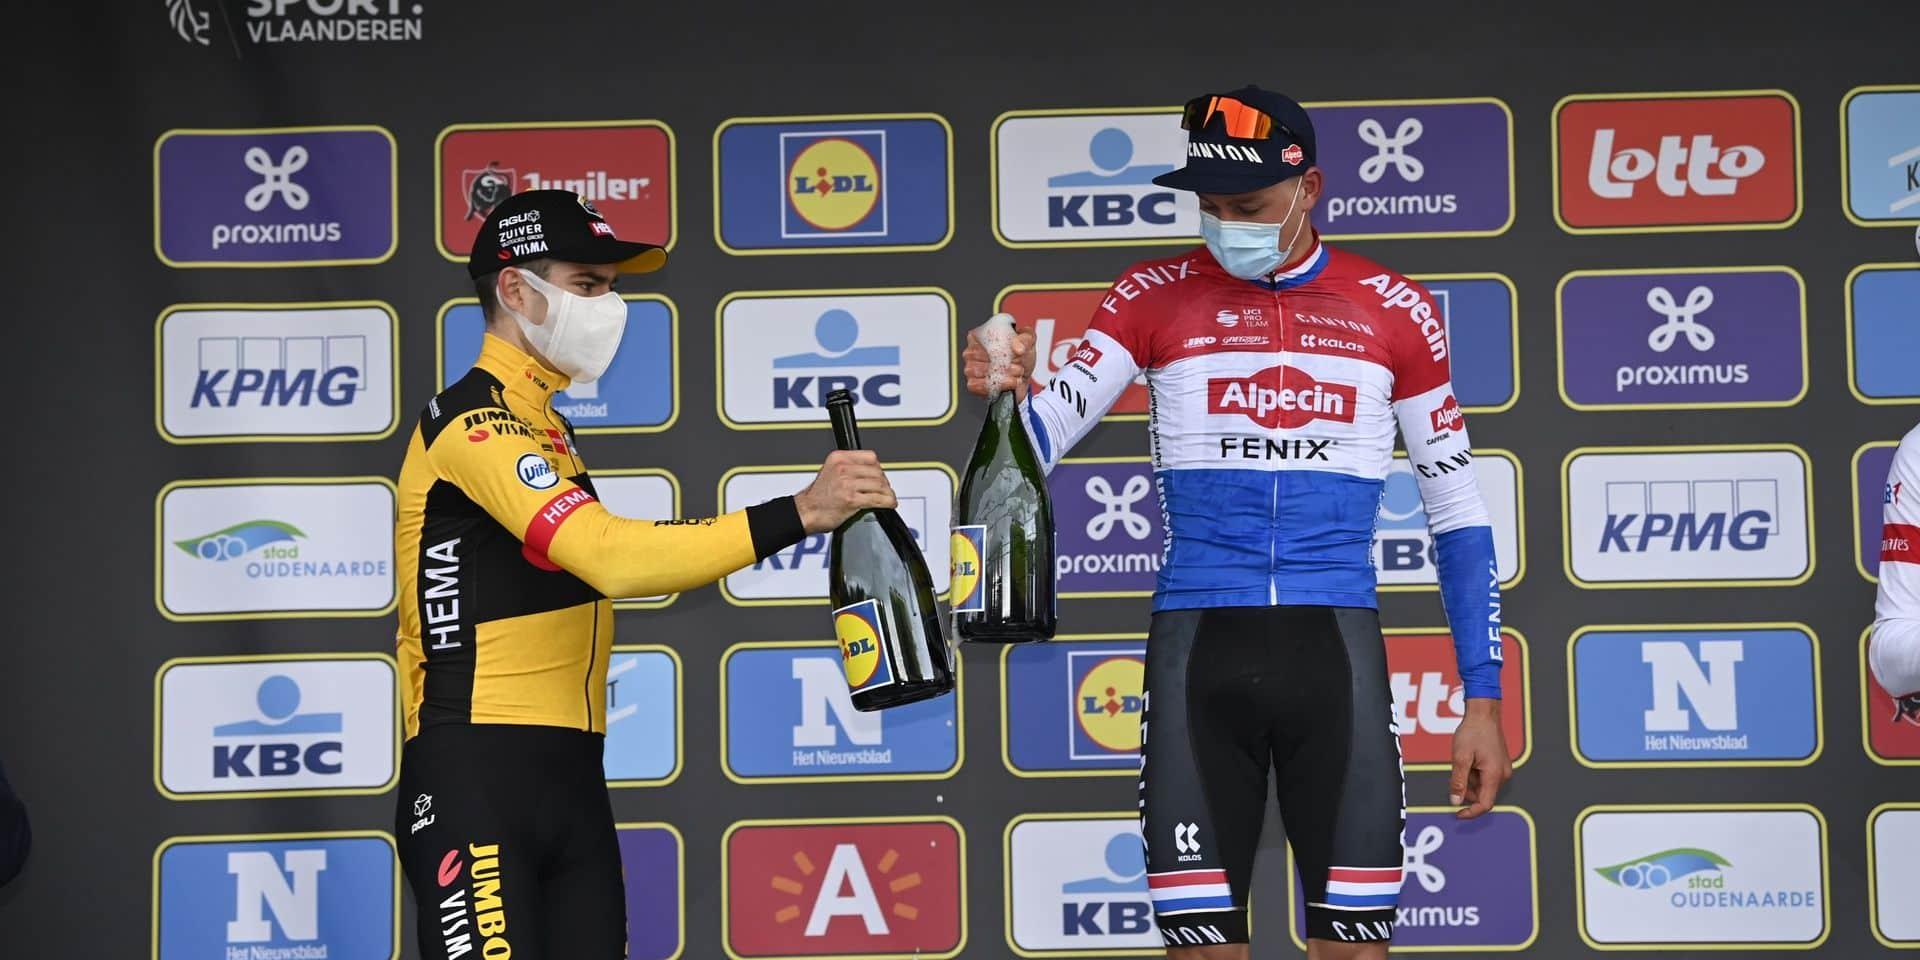 Quand Wout Van Aert et Mathieu Van der Poel mettent fin à la polémique après l'arrivée du Ronde